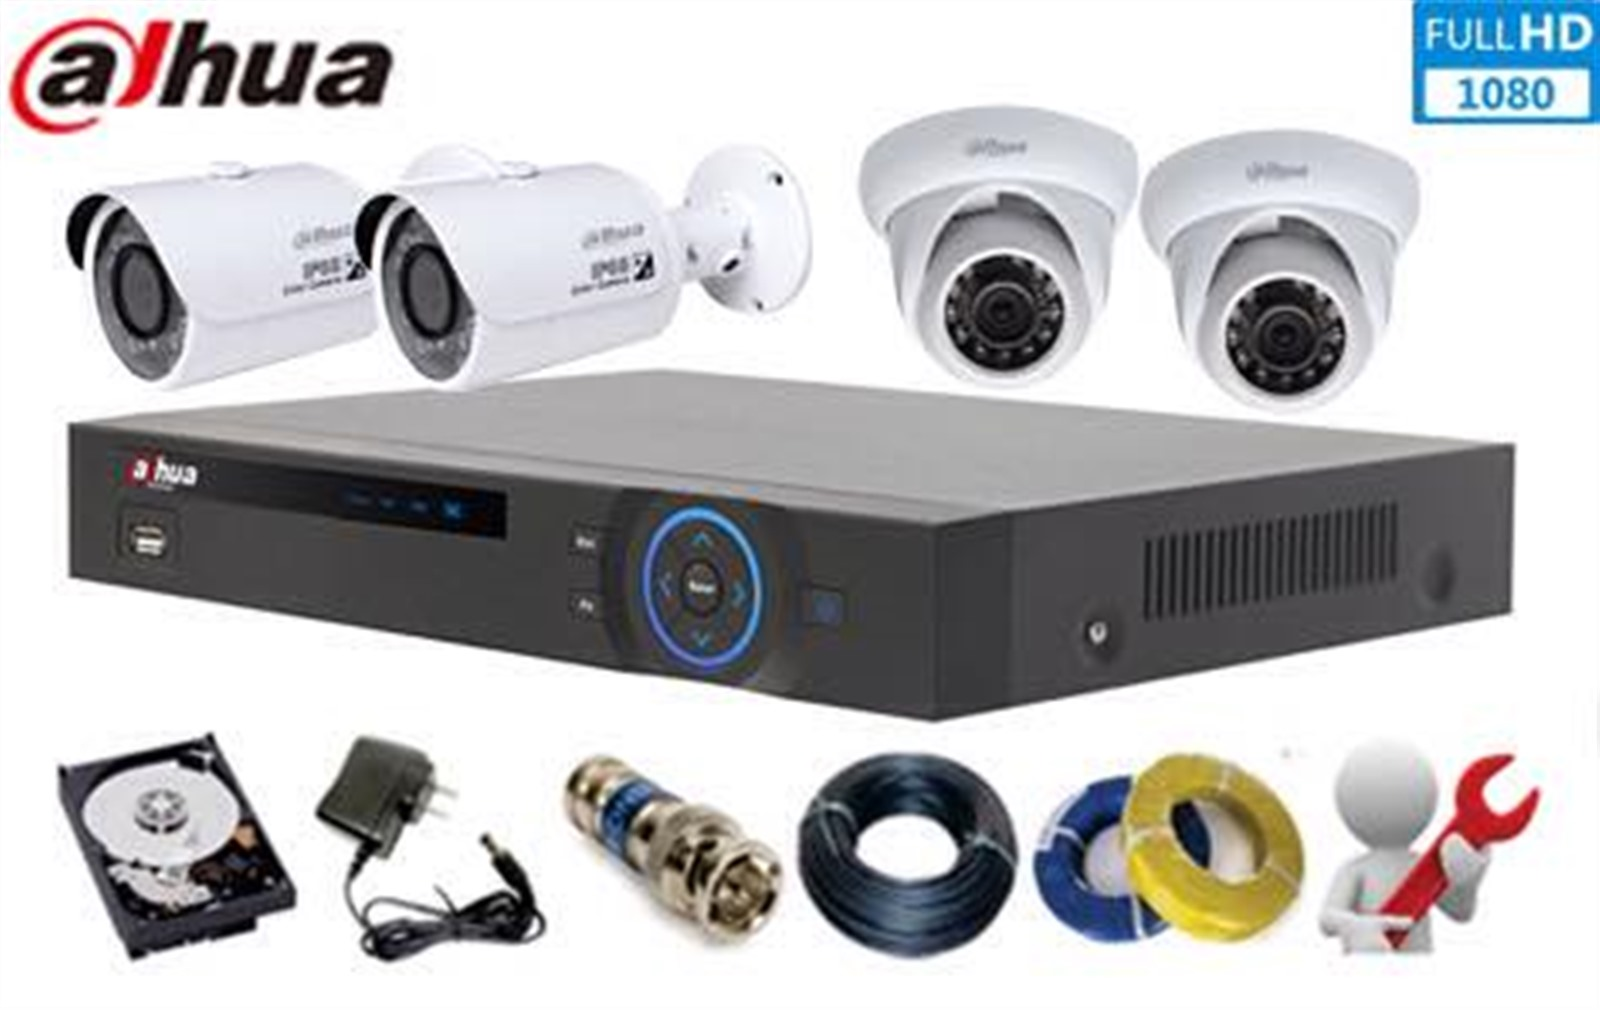 Giải pháp lắp đặt camera quan sát cho tiệm cầm đồ